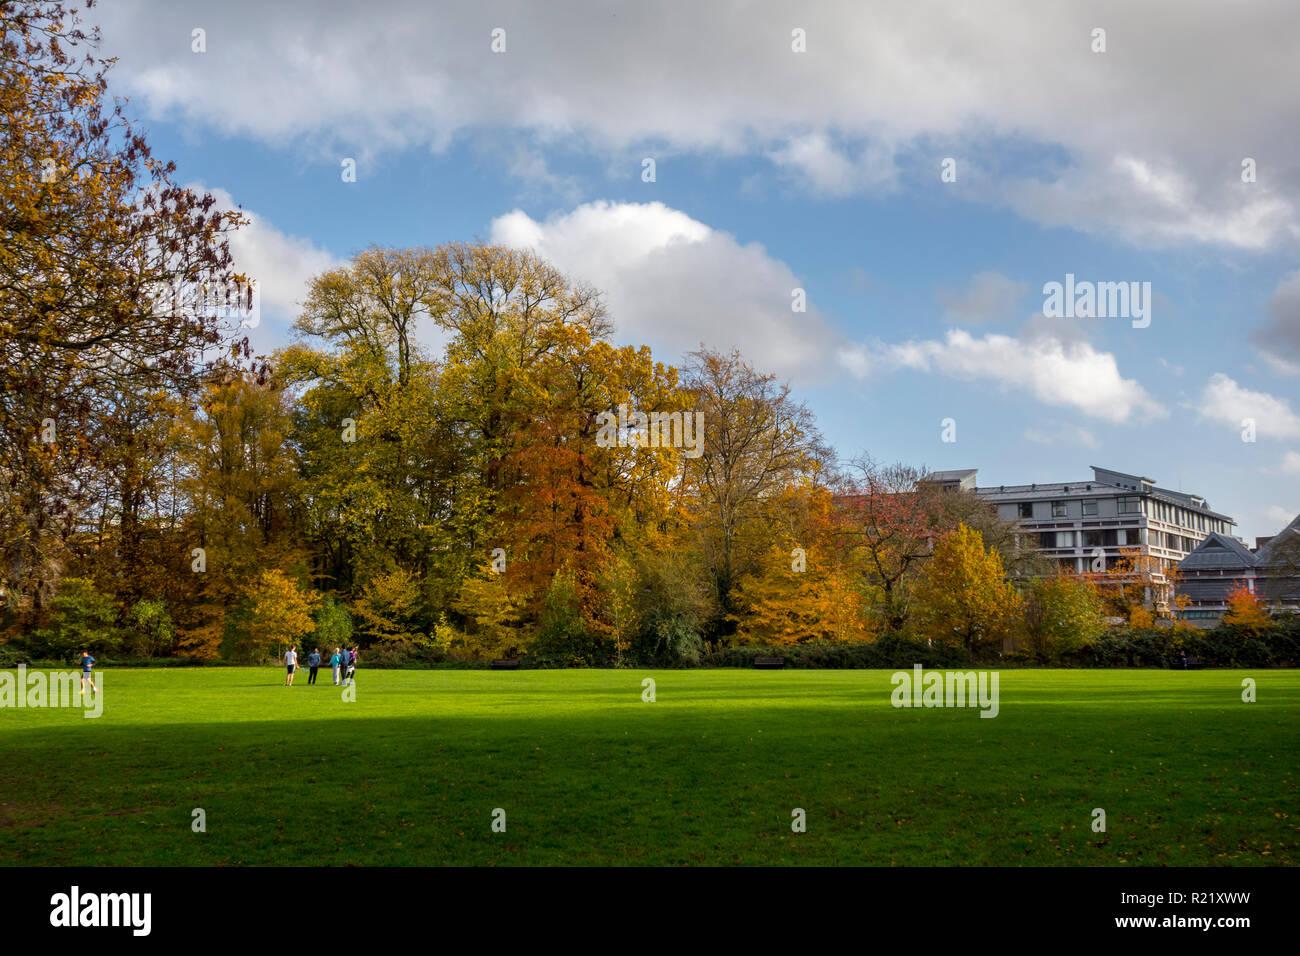 Die Rückseiten in Cambridge mit Queens' College, Fitzpatrick Hall der Universität Cambridge im Hintergrund. Cambridge, Großbritannien Stockbild